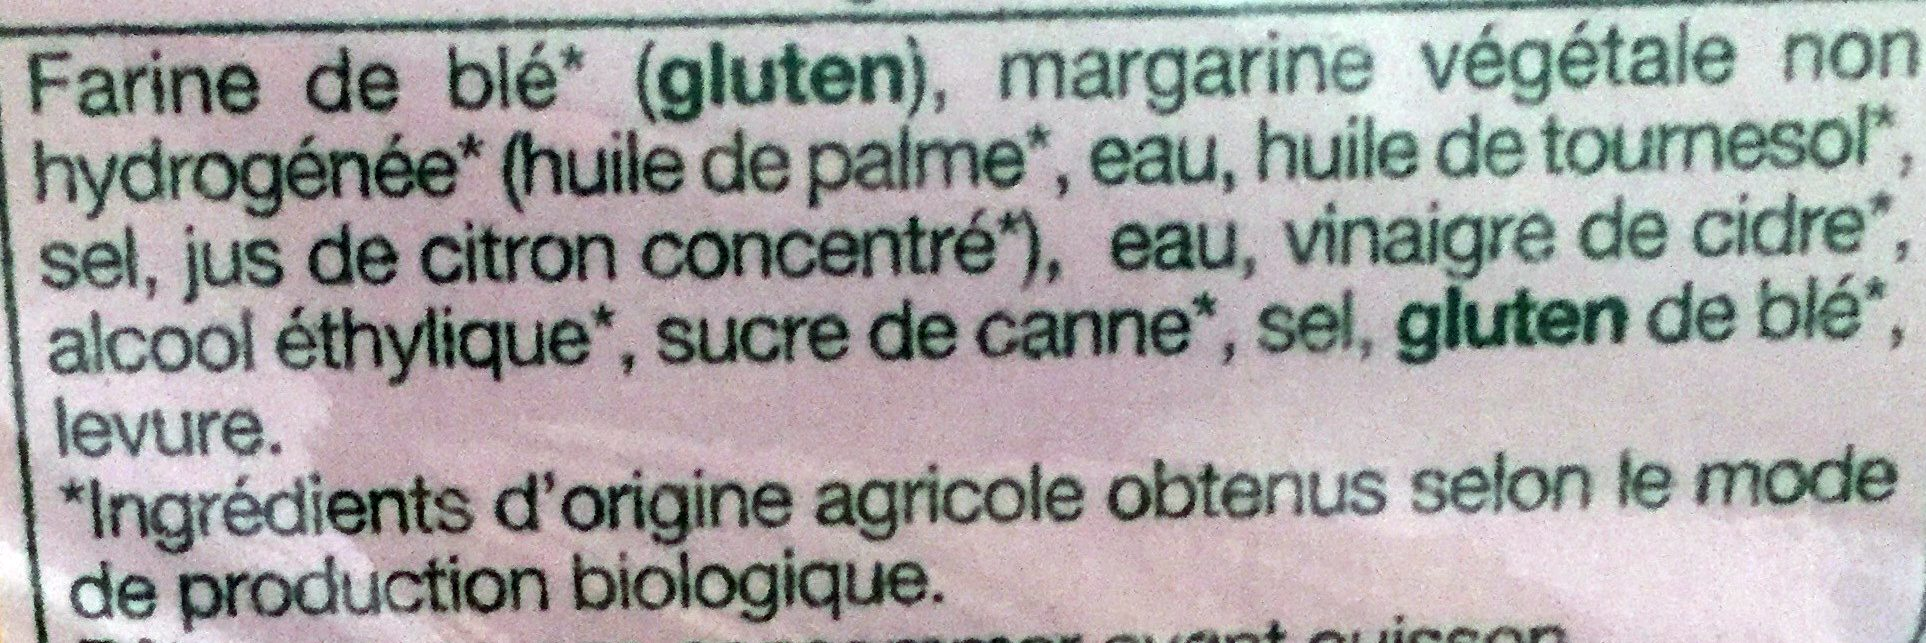 Pâte Brisée - Ingrédients - fr